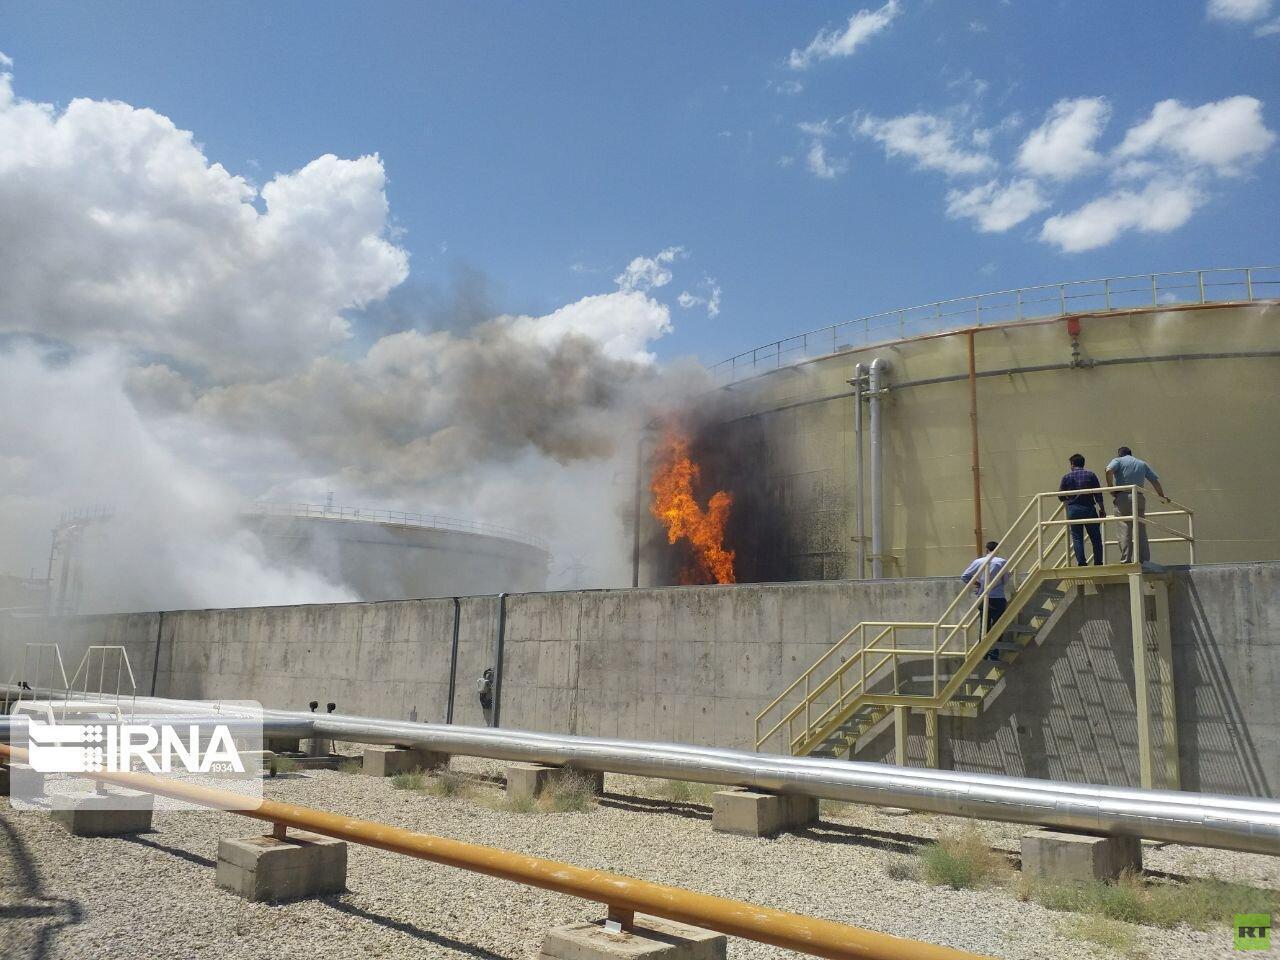 محاولة  السيطرة على حريق في محطة لتوليد الطاقة شرقي طهران